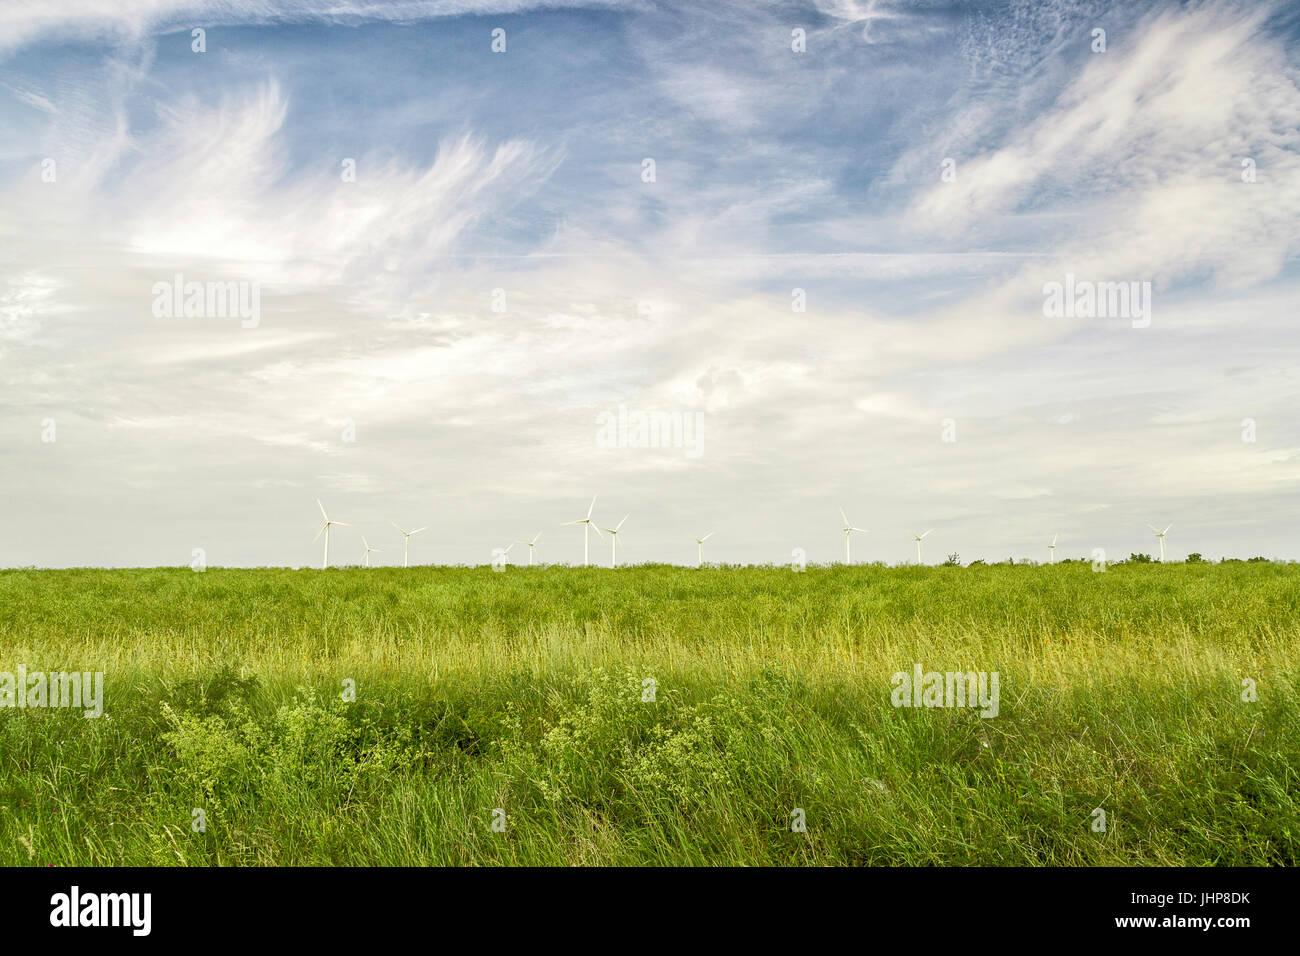 Windkraftanlagen im Green Field mit einem teilweise bewölkten Himmel. Stockbild